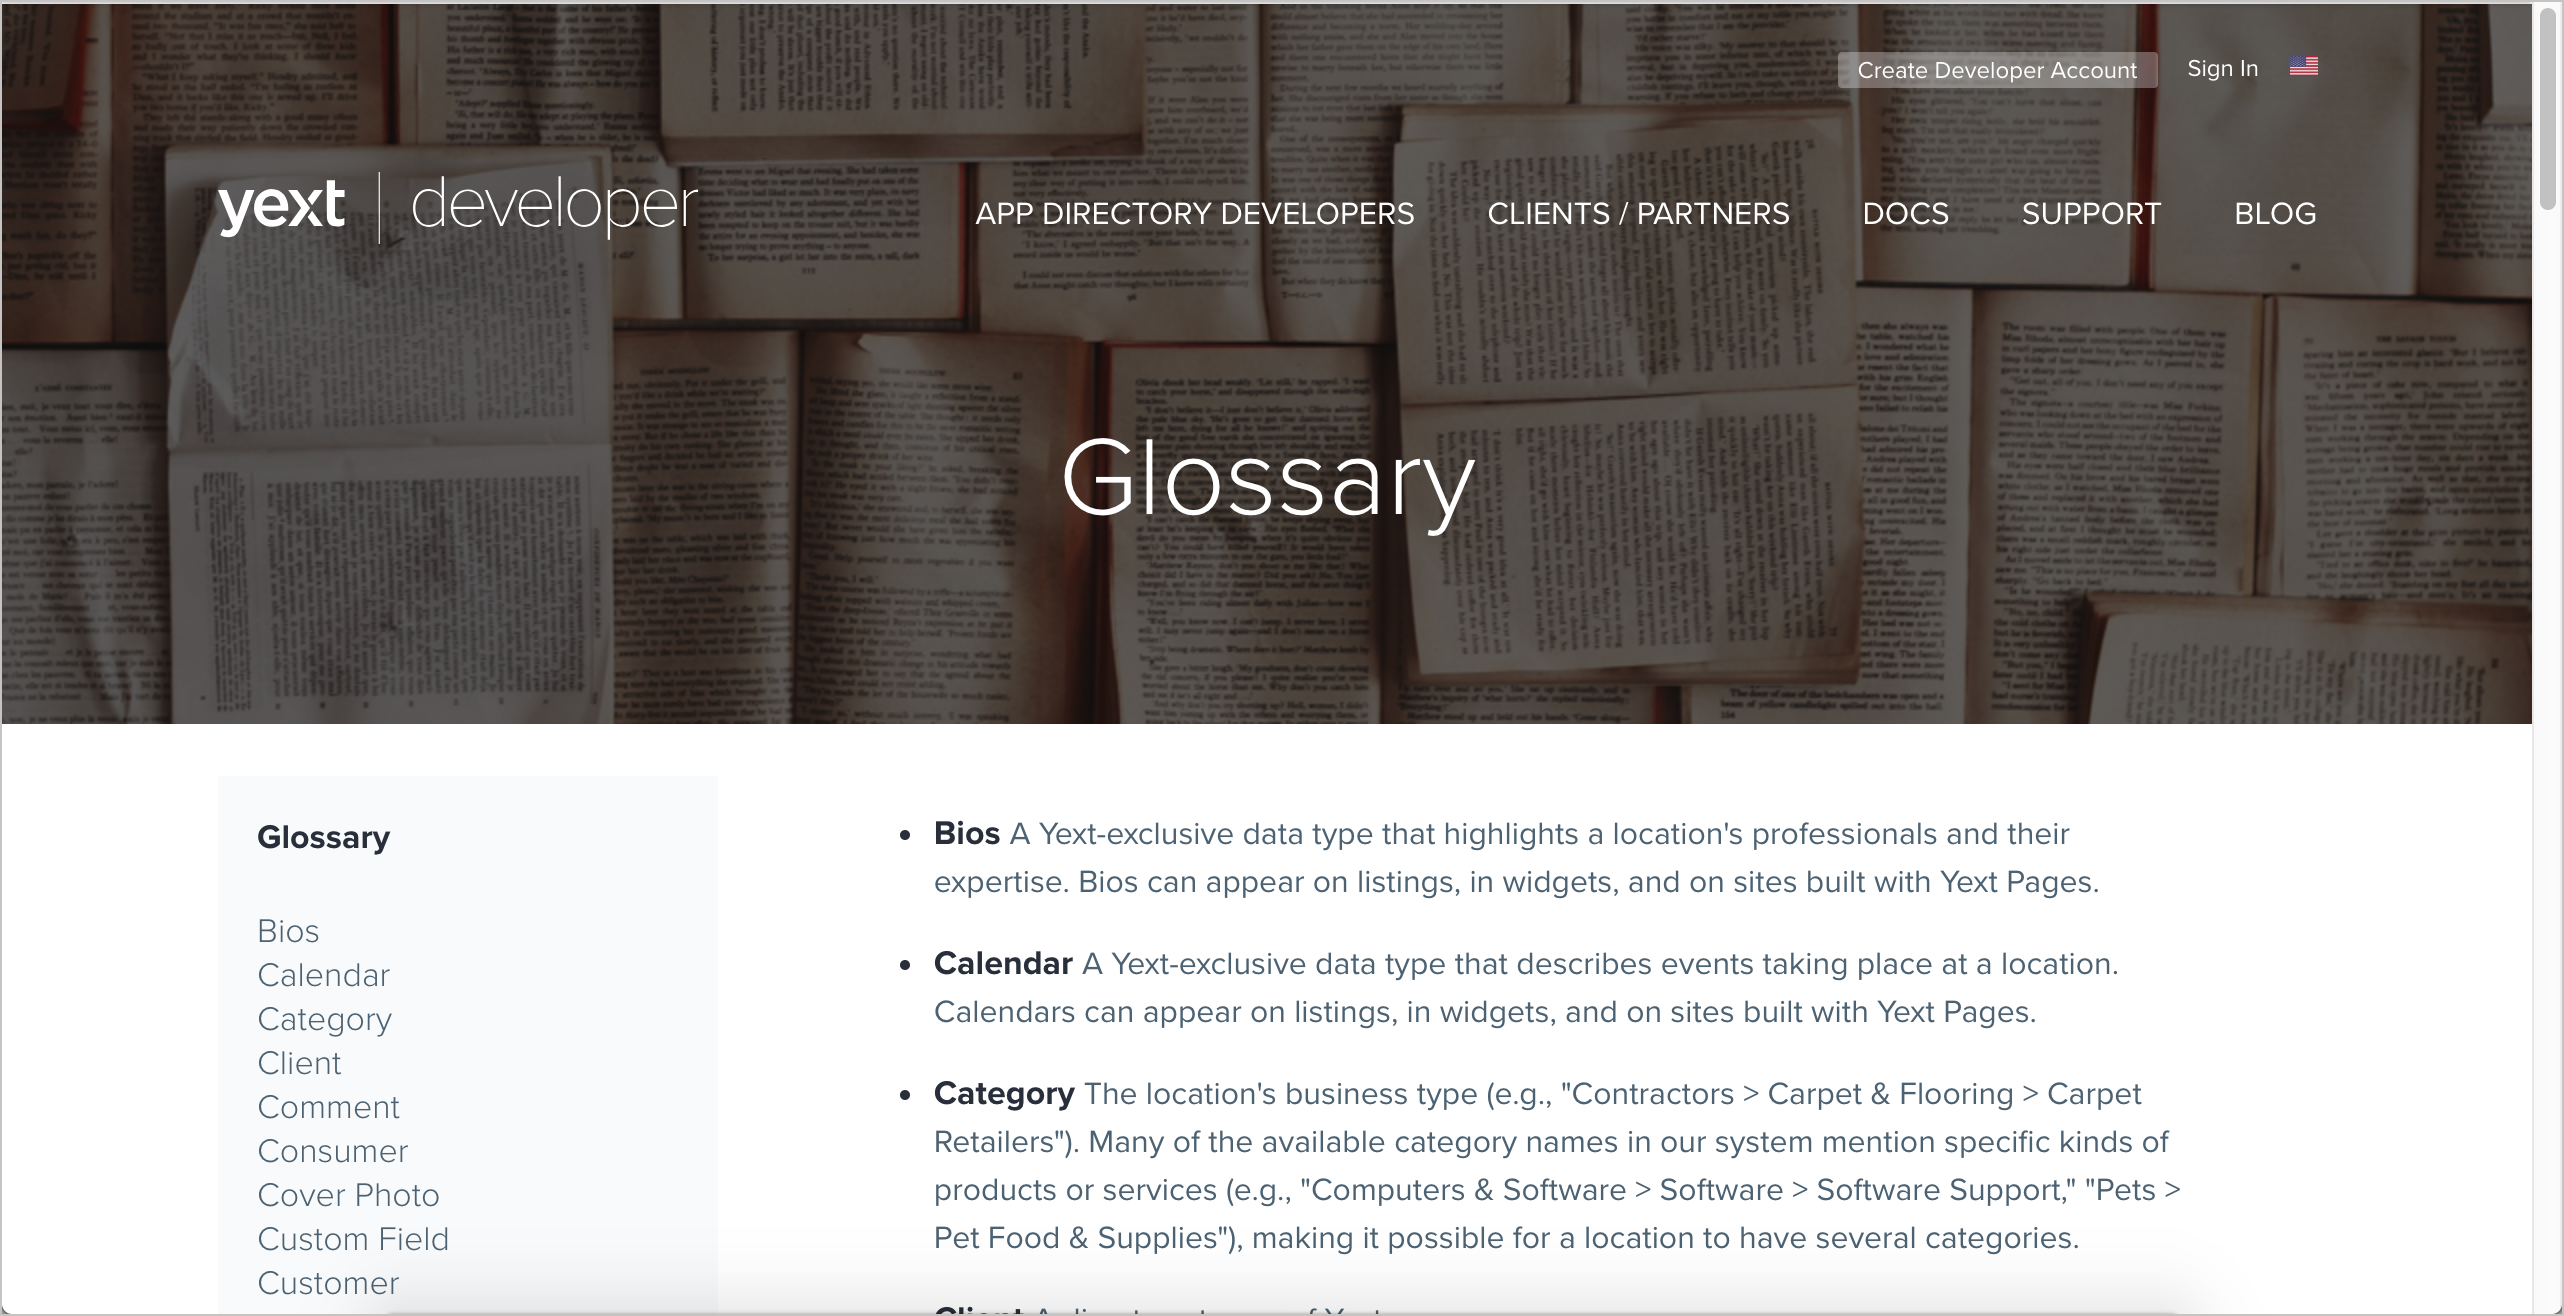 Yext glossary